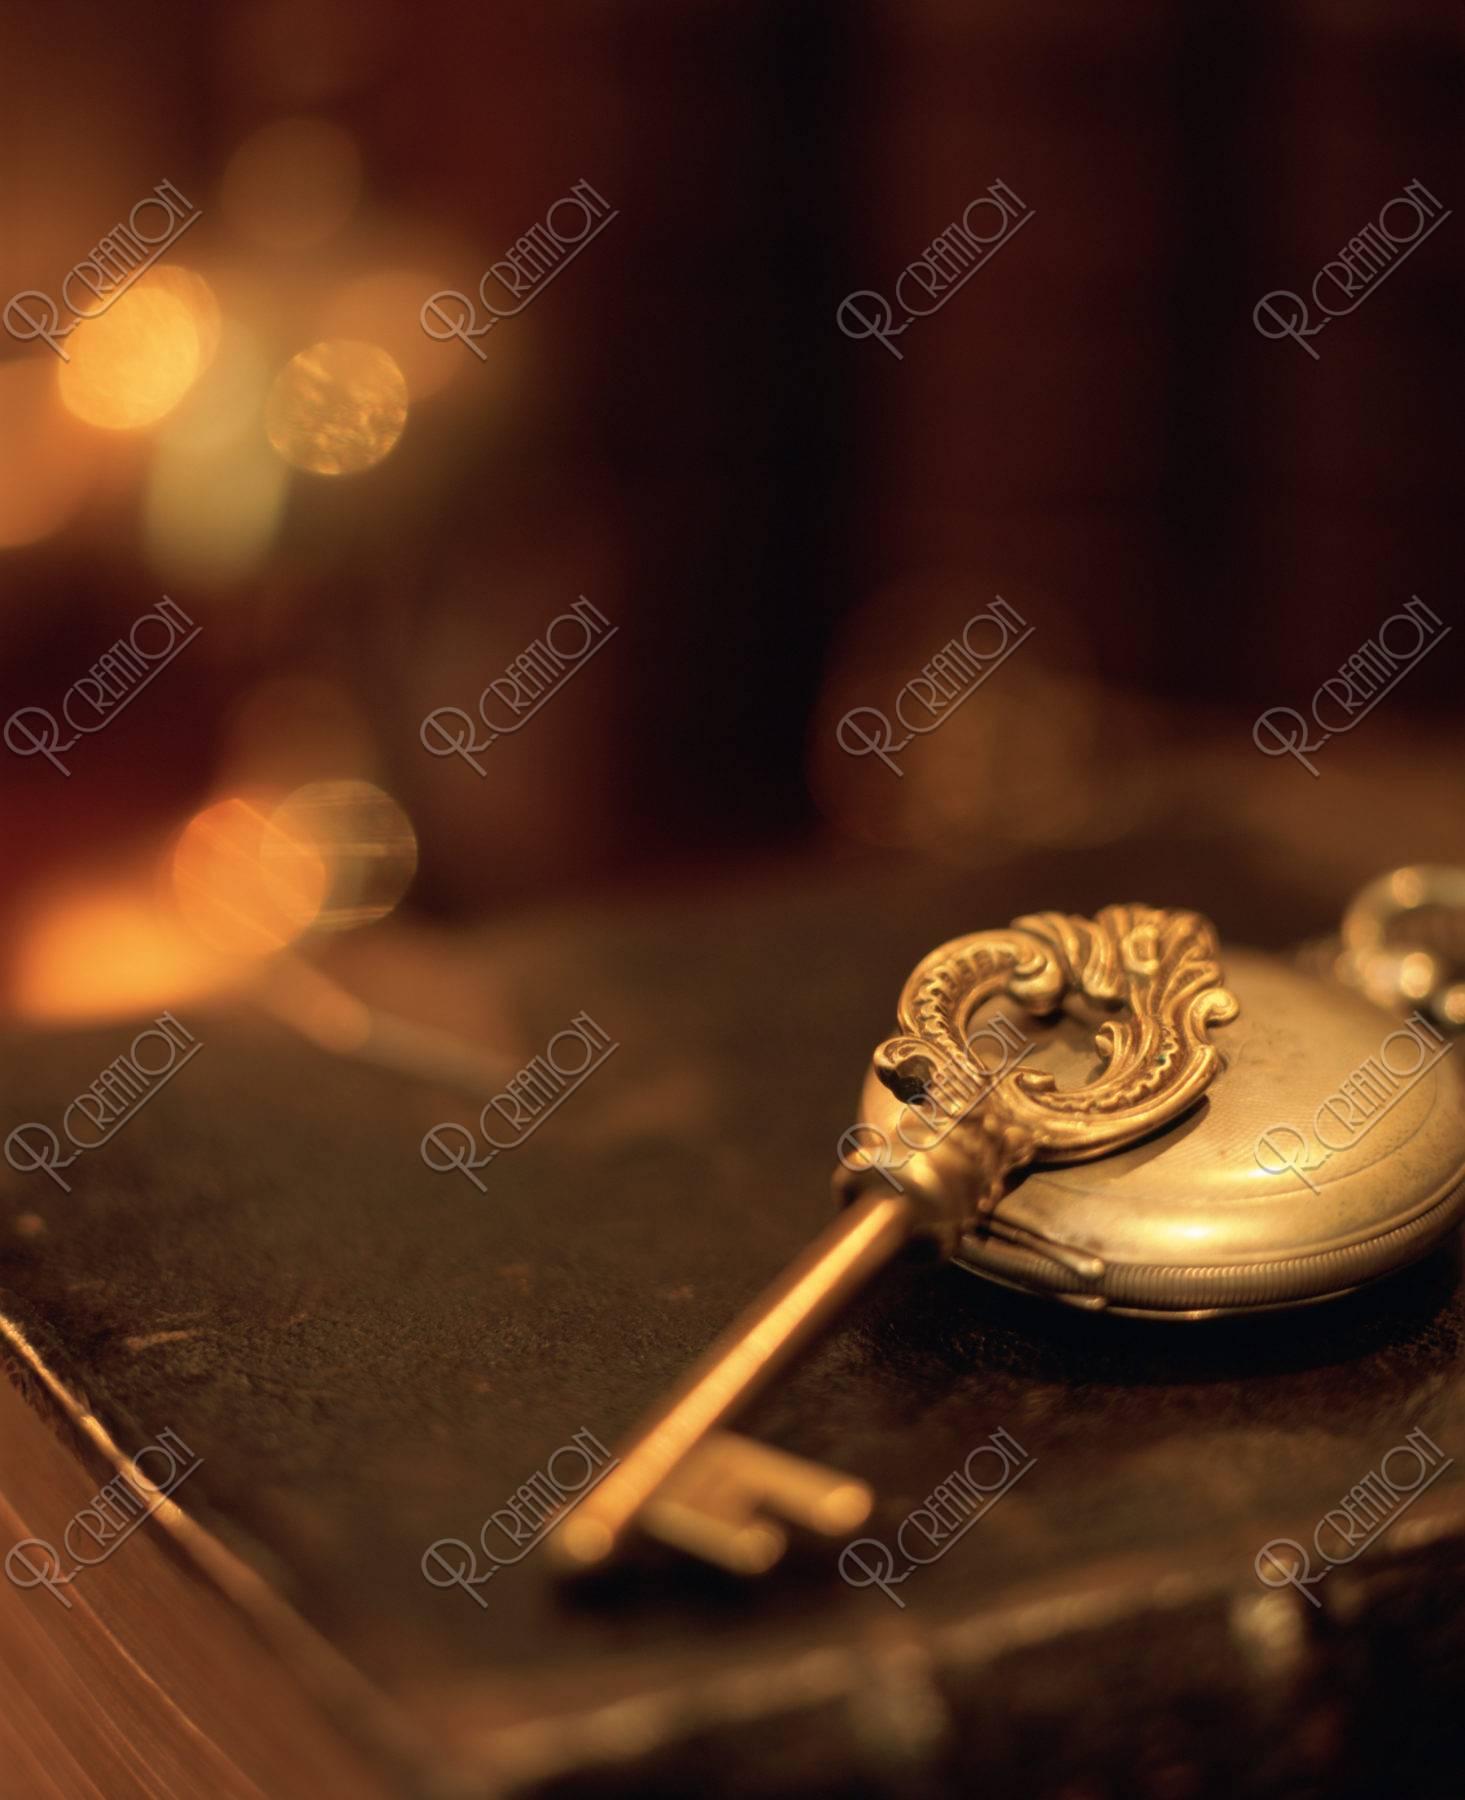 鍵と懐中時計